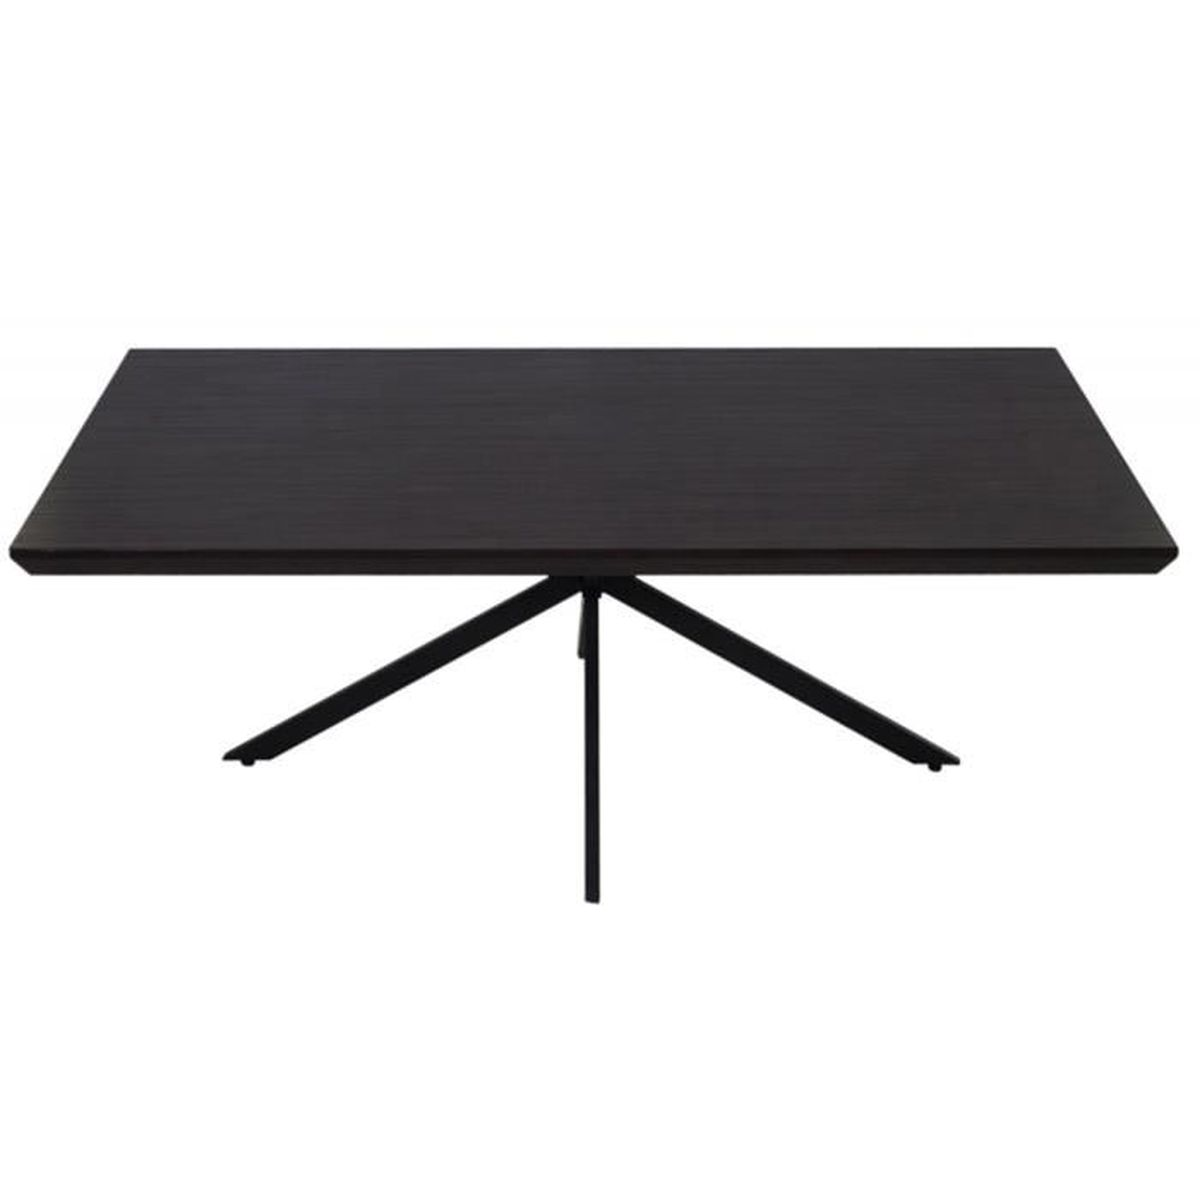 Table basse coloris weng avec pieds coloris noir 40 x for Table basse 60 cm